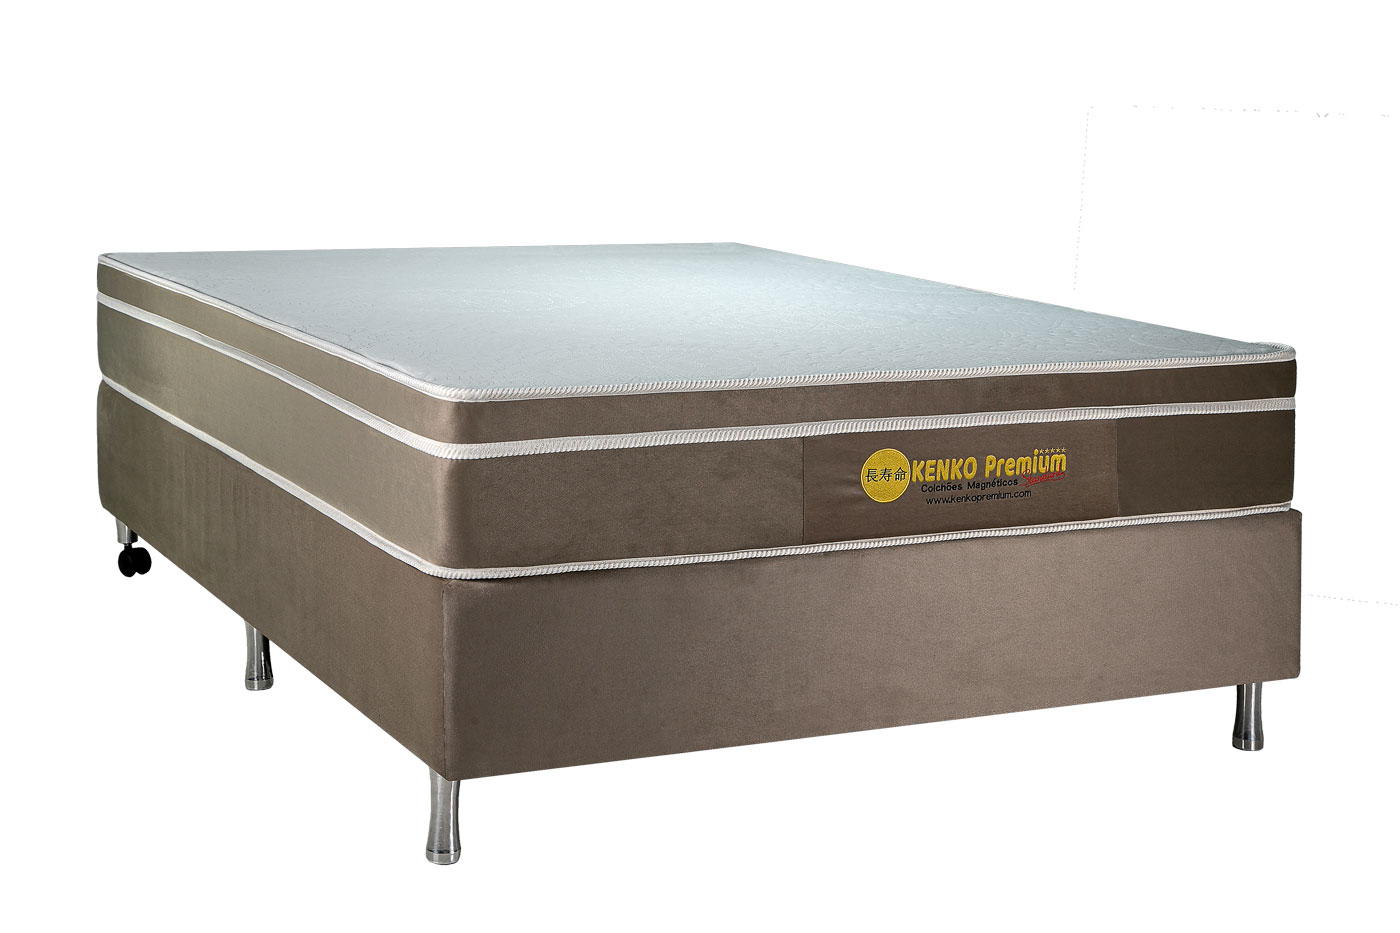 Colchão Magnético Solteiro Kenko Premium Standart 0,88x1,88x25cm  - Kenko Premium Colchões